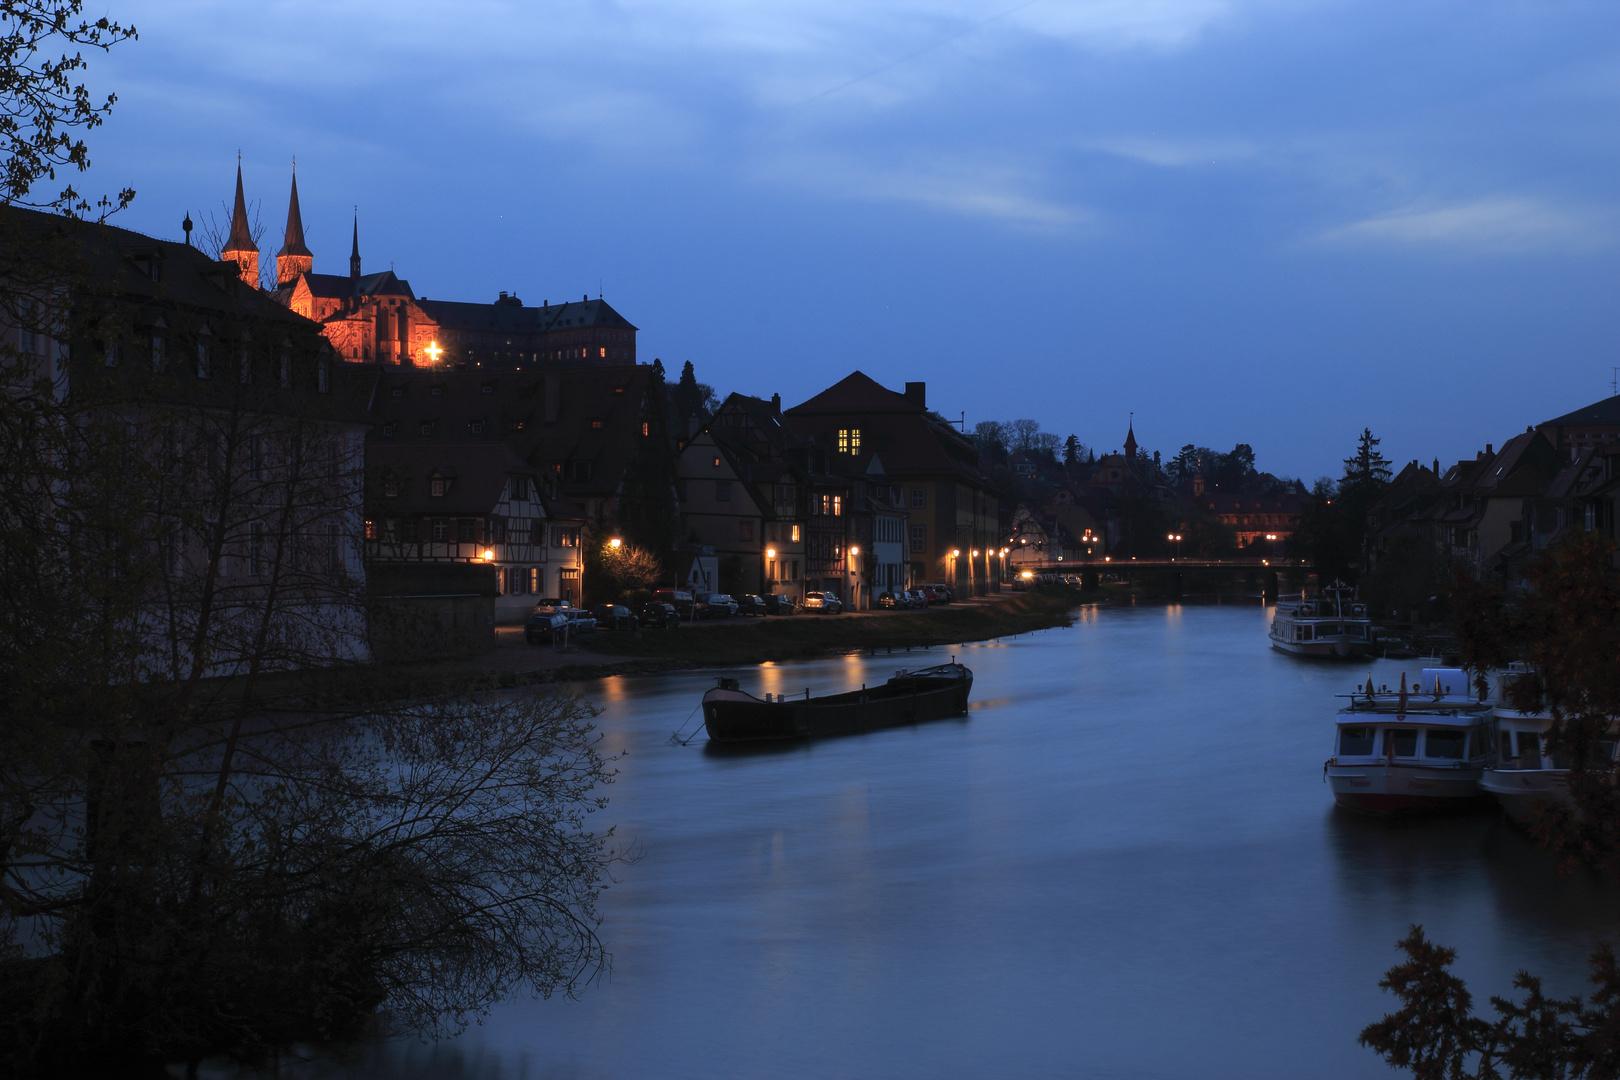 Die Regnitz mit dem Kloster Michelsberg